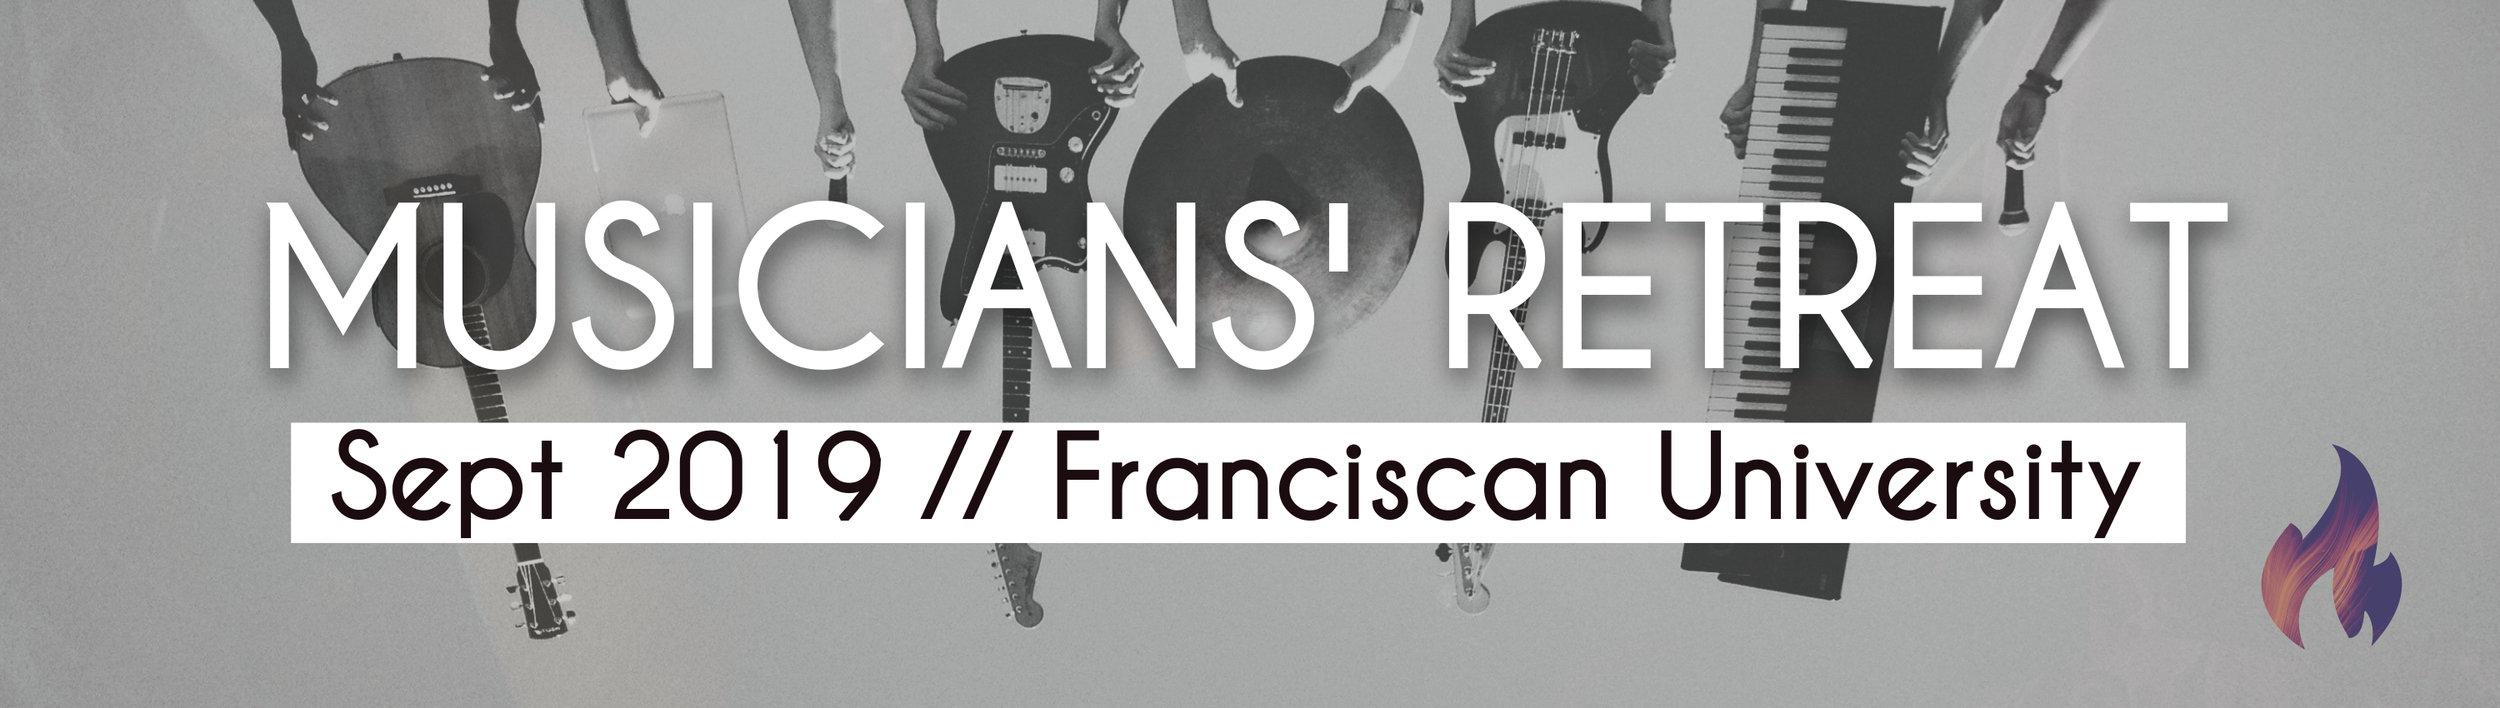 Musicians Retreat - banner.jpg